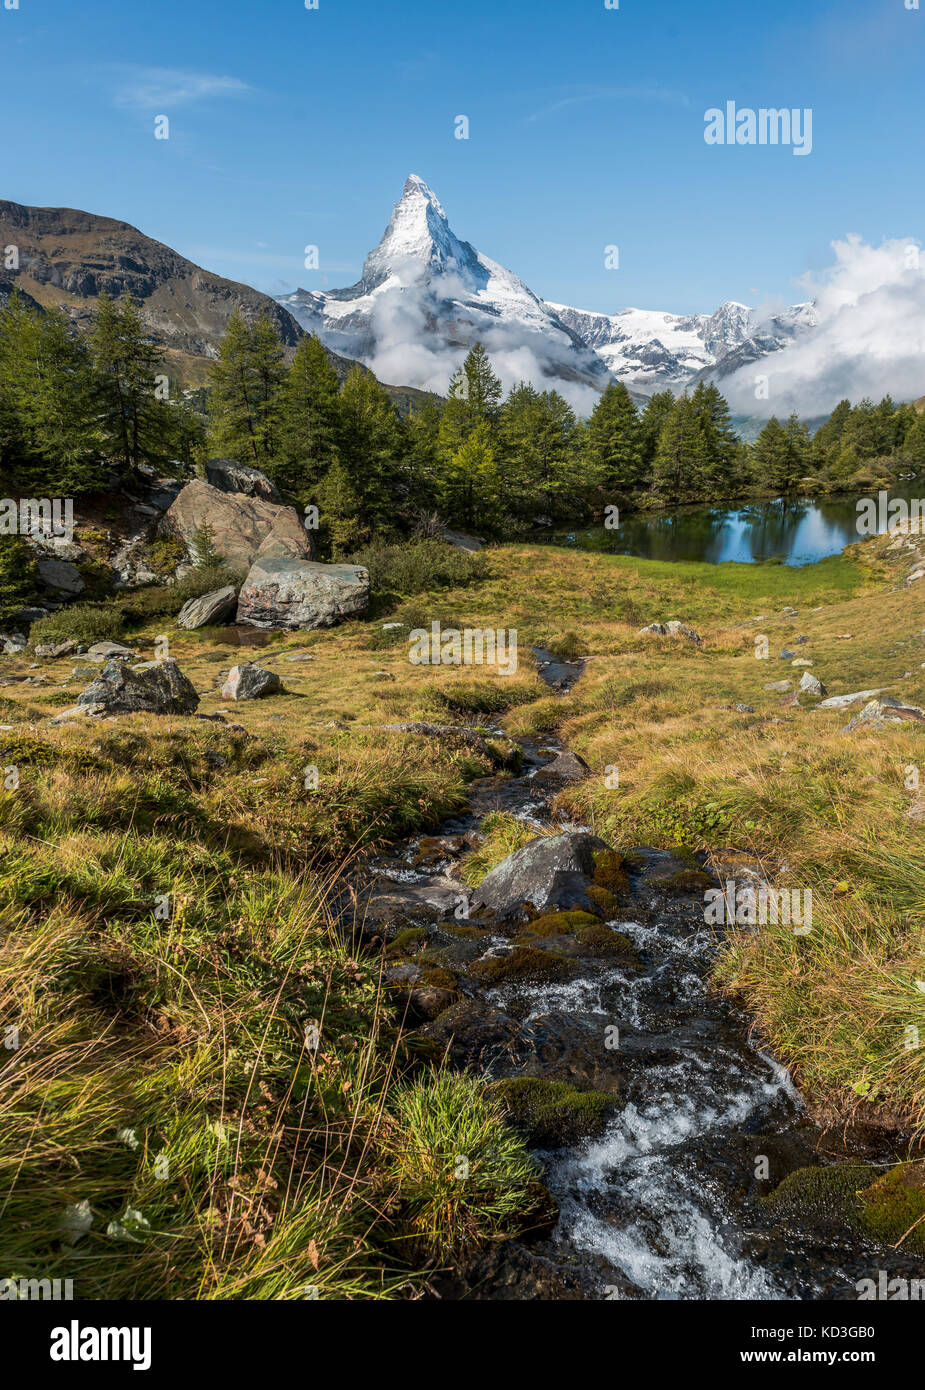 Matterhorn couverte de neige, d'un ruisseau s'écoule dans le grindijsee, Valais, Suisse Photo Stock